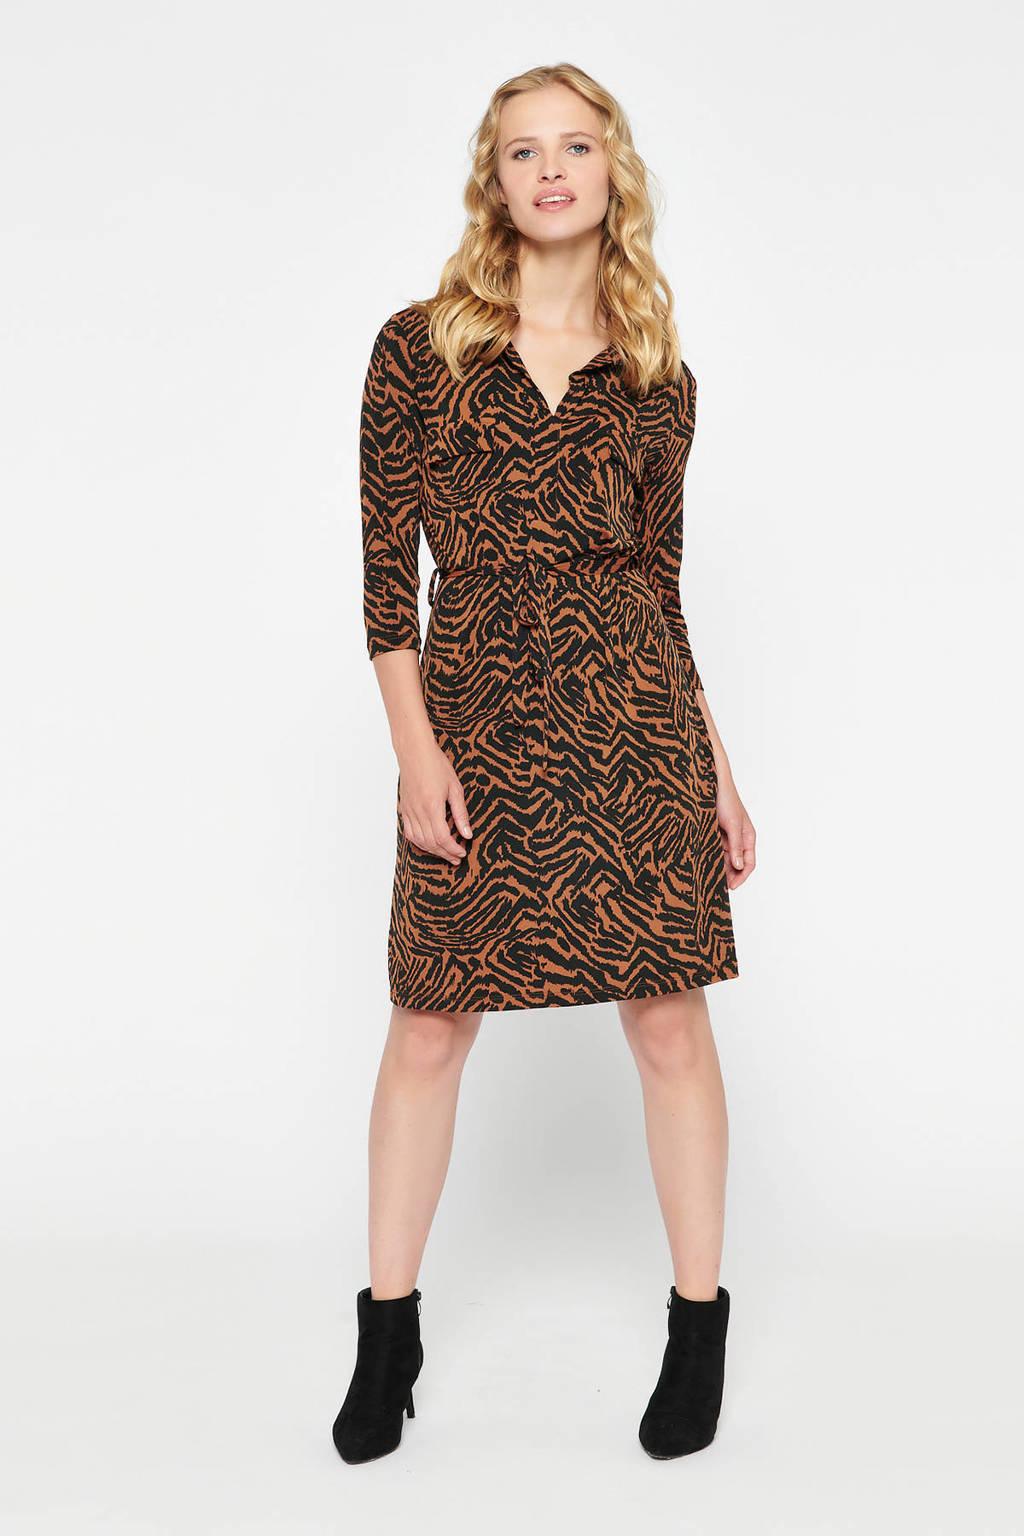 LOLALIZA jurk met dierenprint en ceintuur bruin/zwart, Bruin/zwart